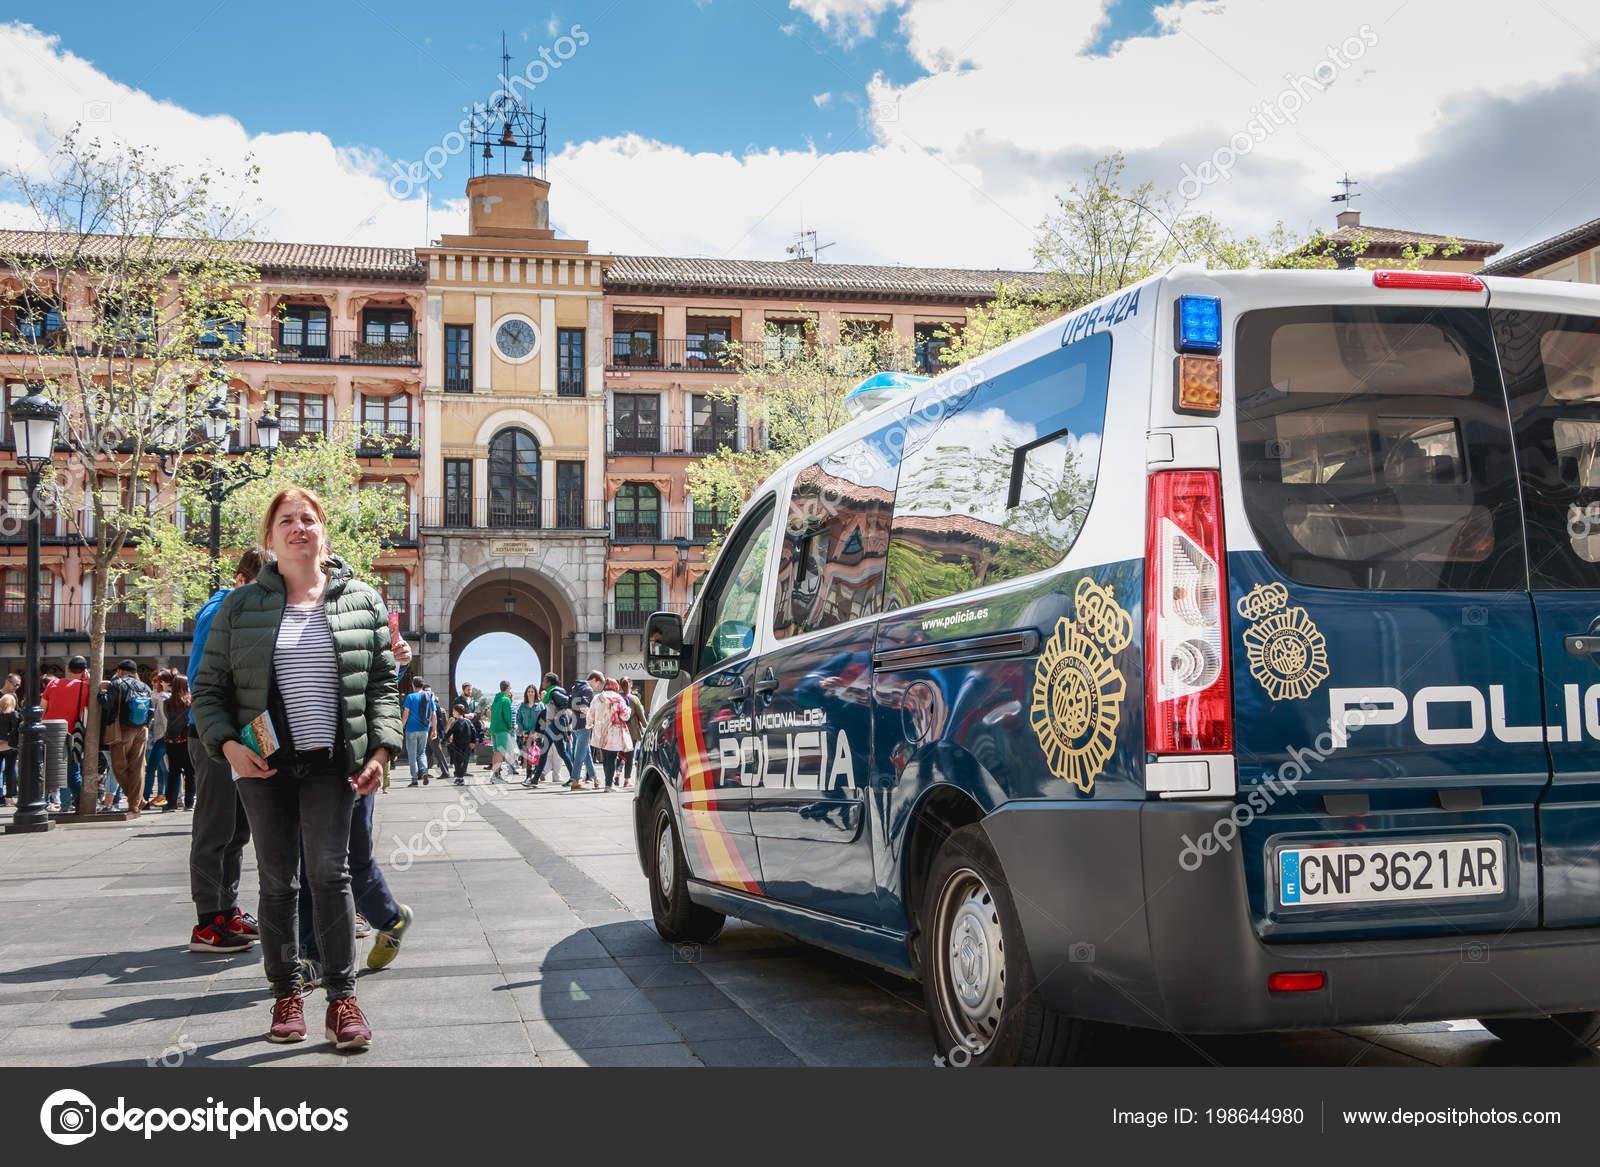 Toledo Spain April 2018 Central Square City Spring Day